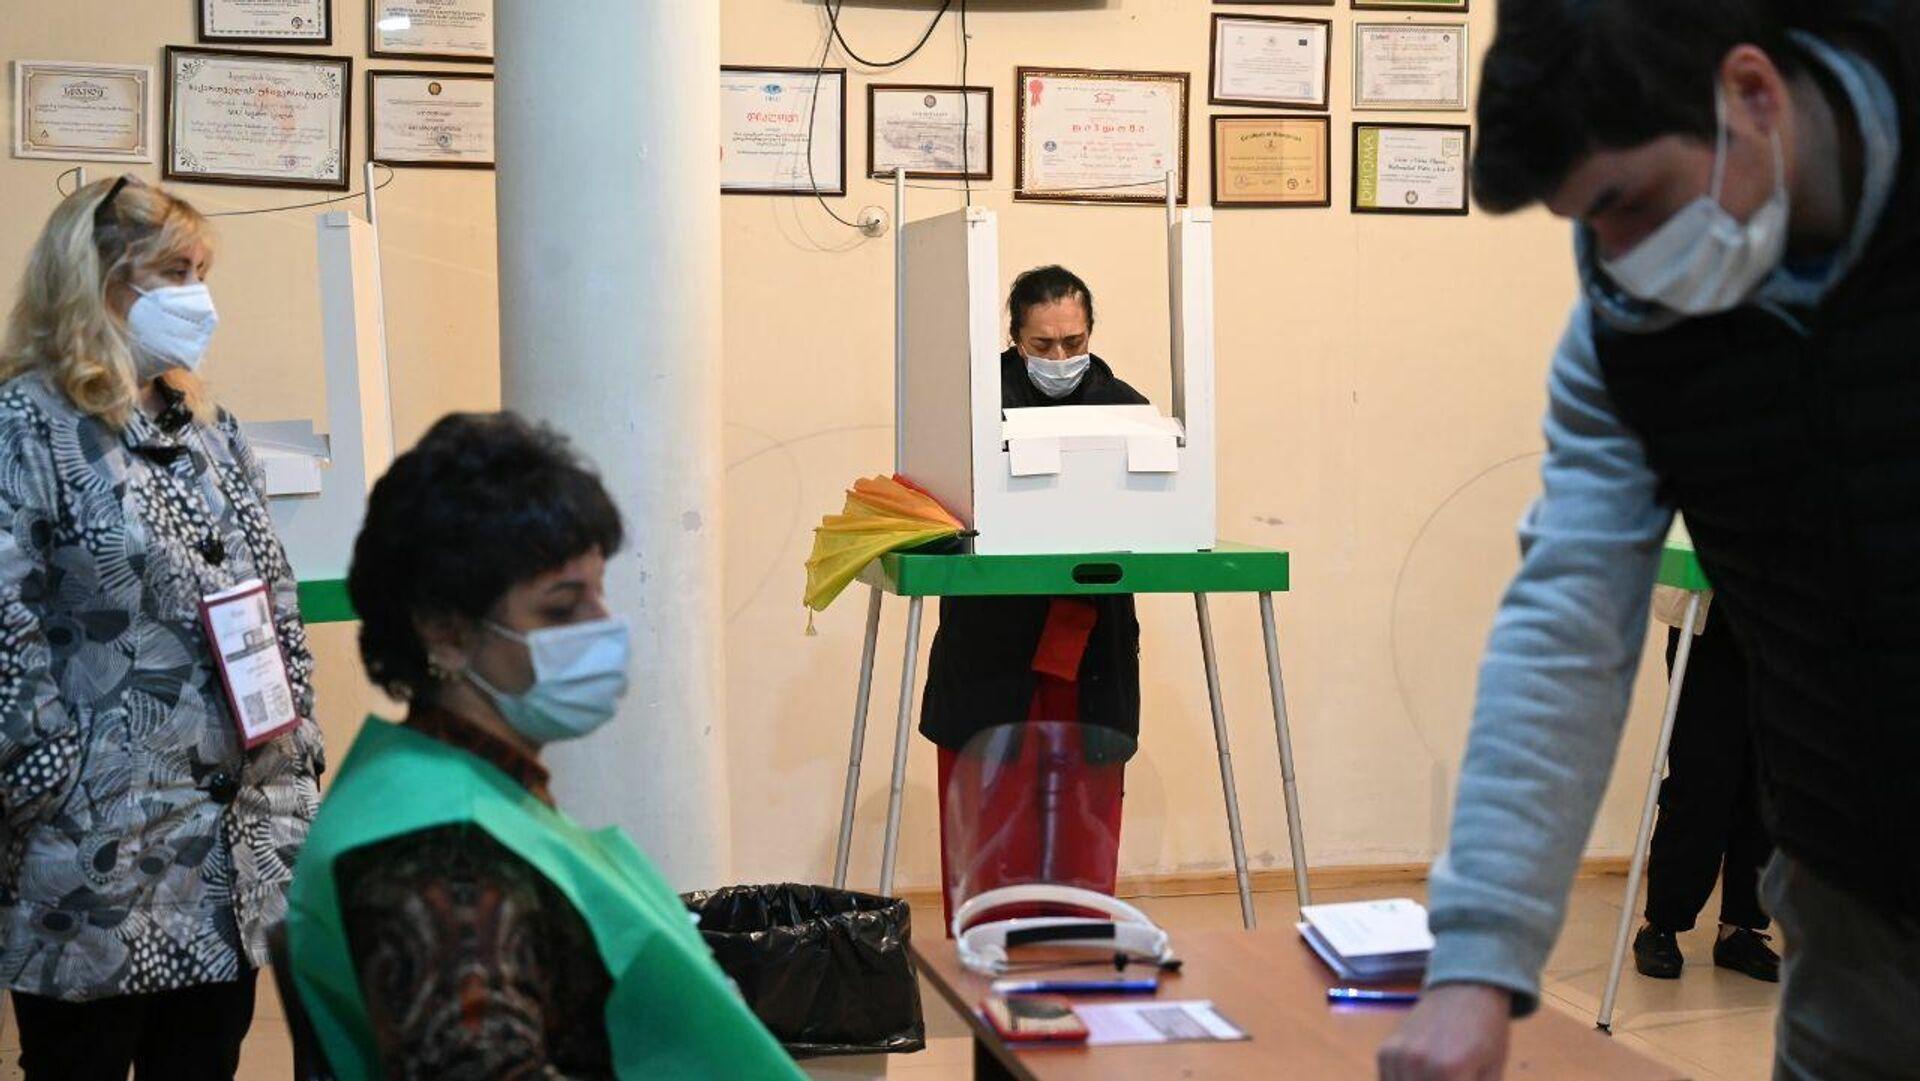 Местные выборы в Грузии 2 октября - избиратели участвуют в голосовании - Sputnik Грузия, 1920, 04.10.2021